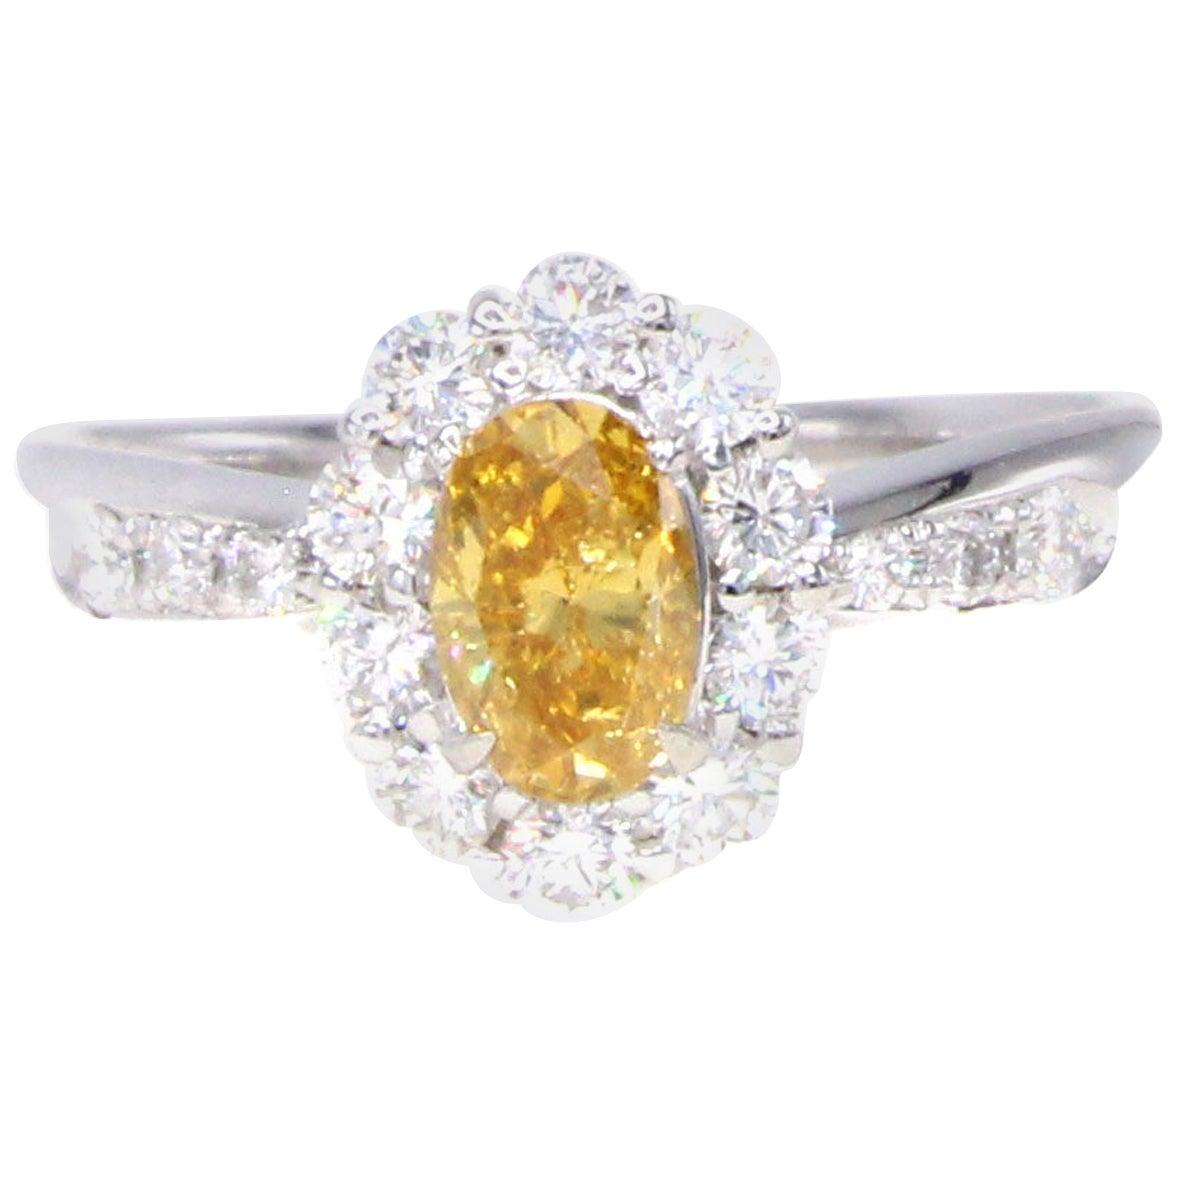 Vivid Yellow-Orange Oval Diamond and White Diamond Platinum Ring